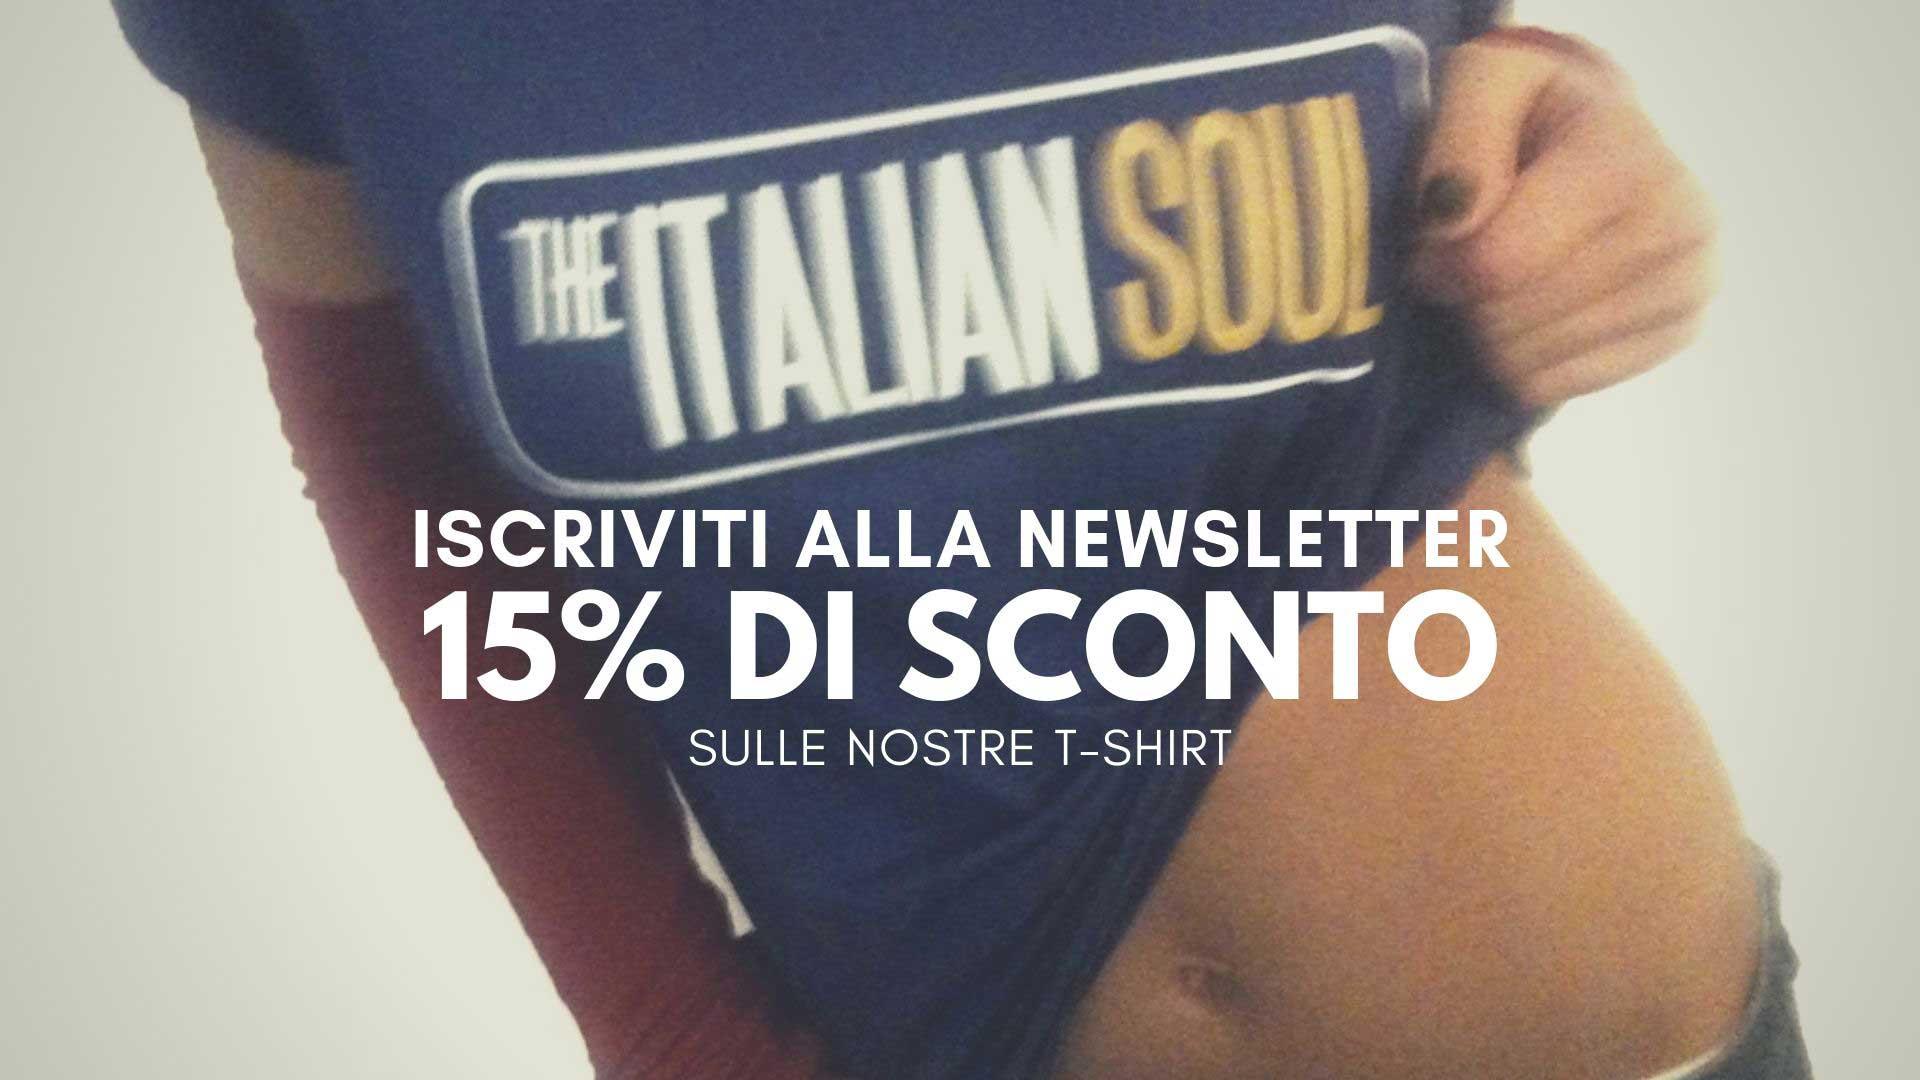 Iscriviti Alla Newsletter - 15% di sconoto sulle T-shirt